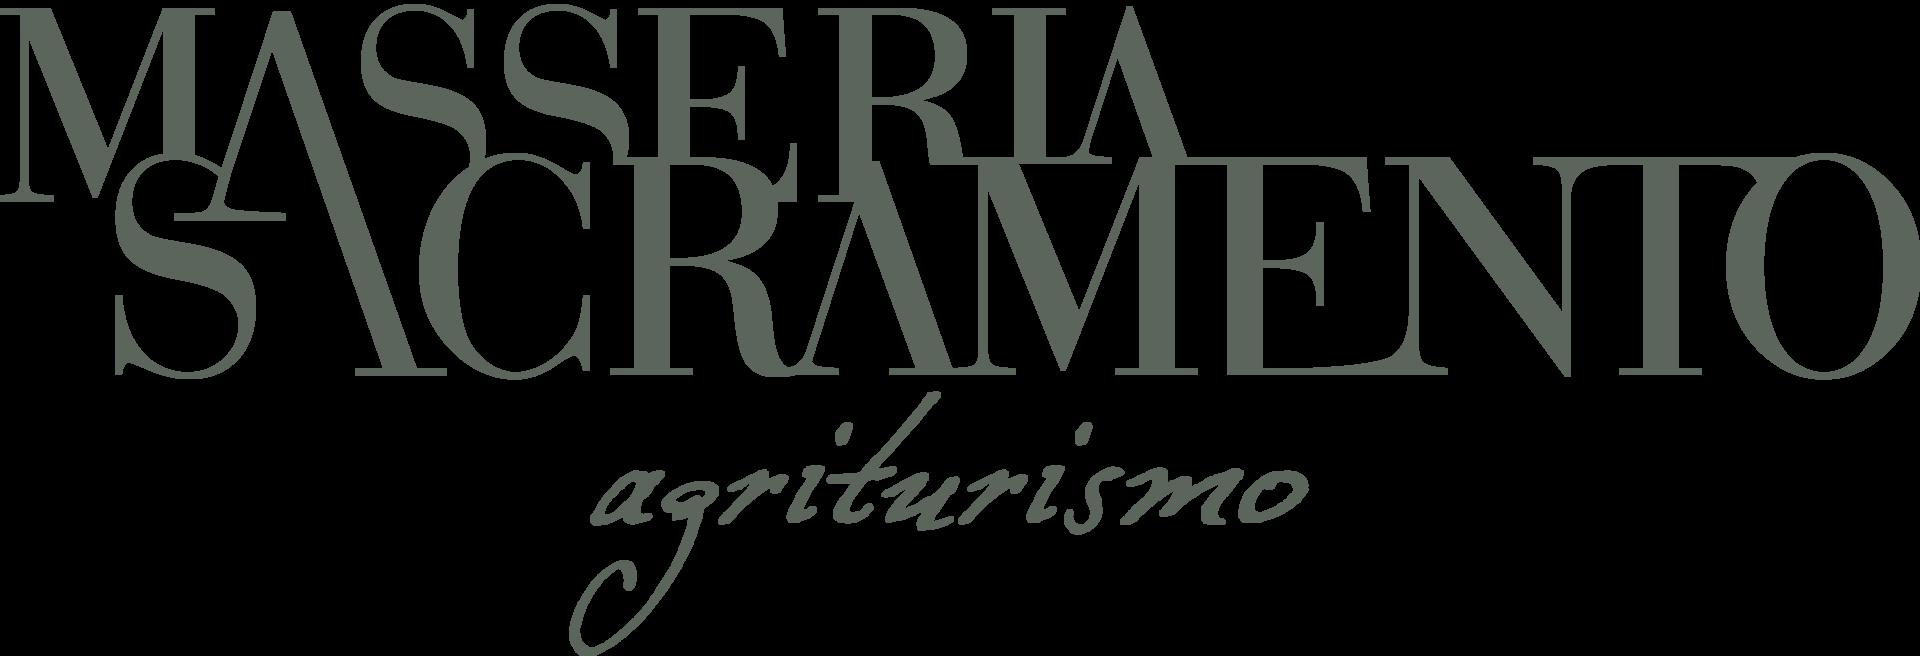 Masseria Sacramento logo